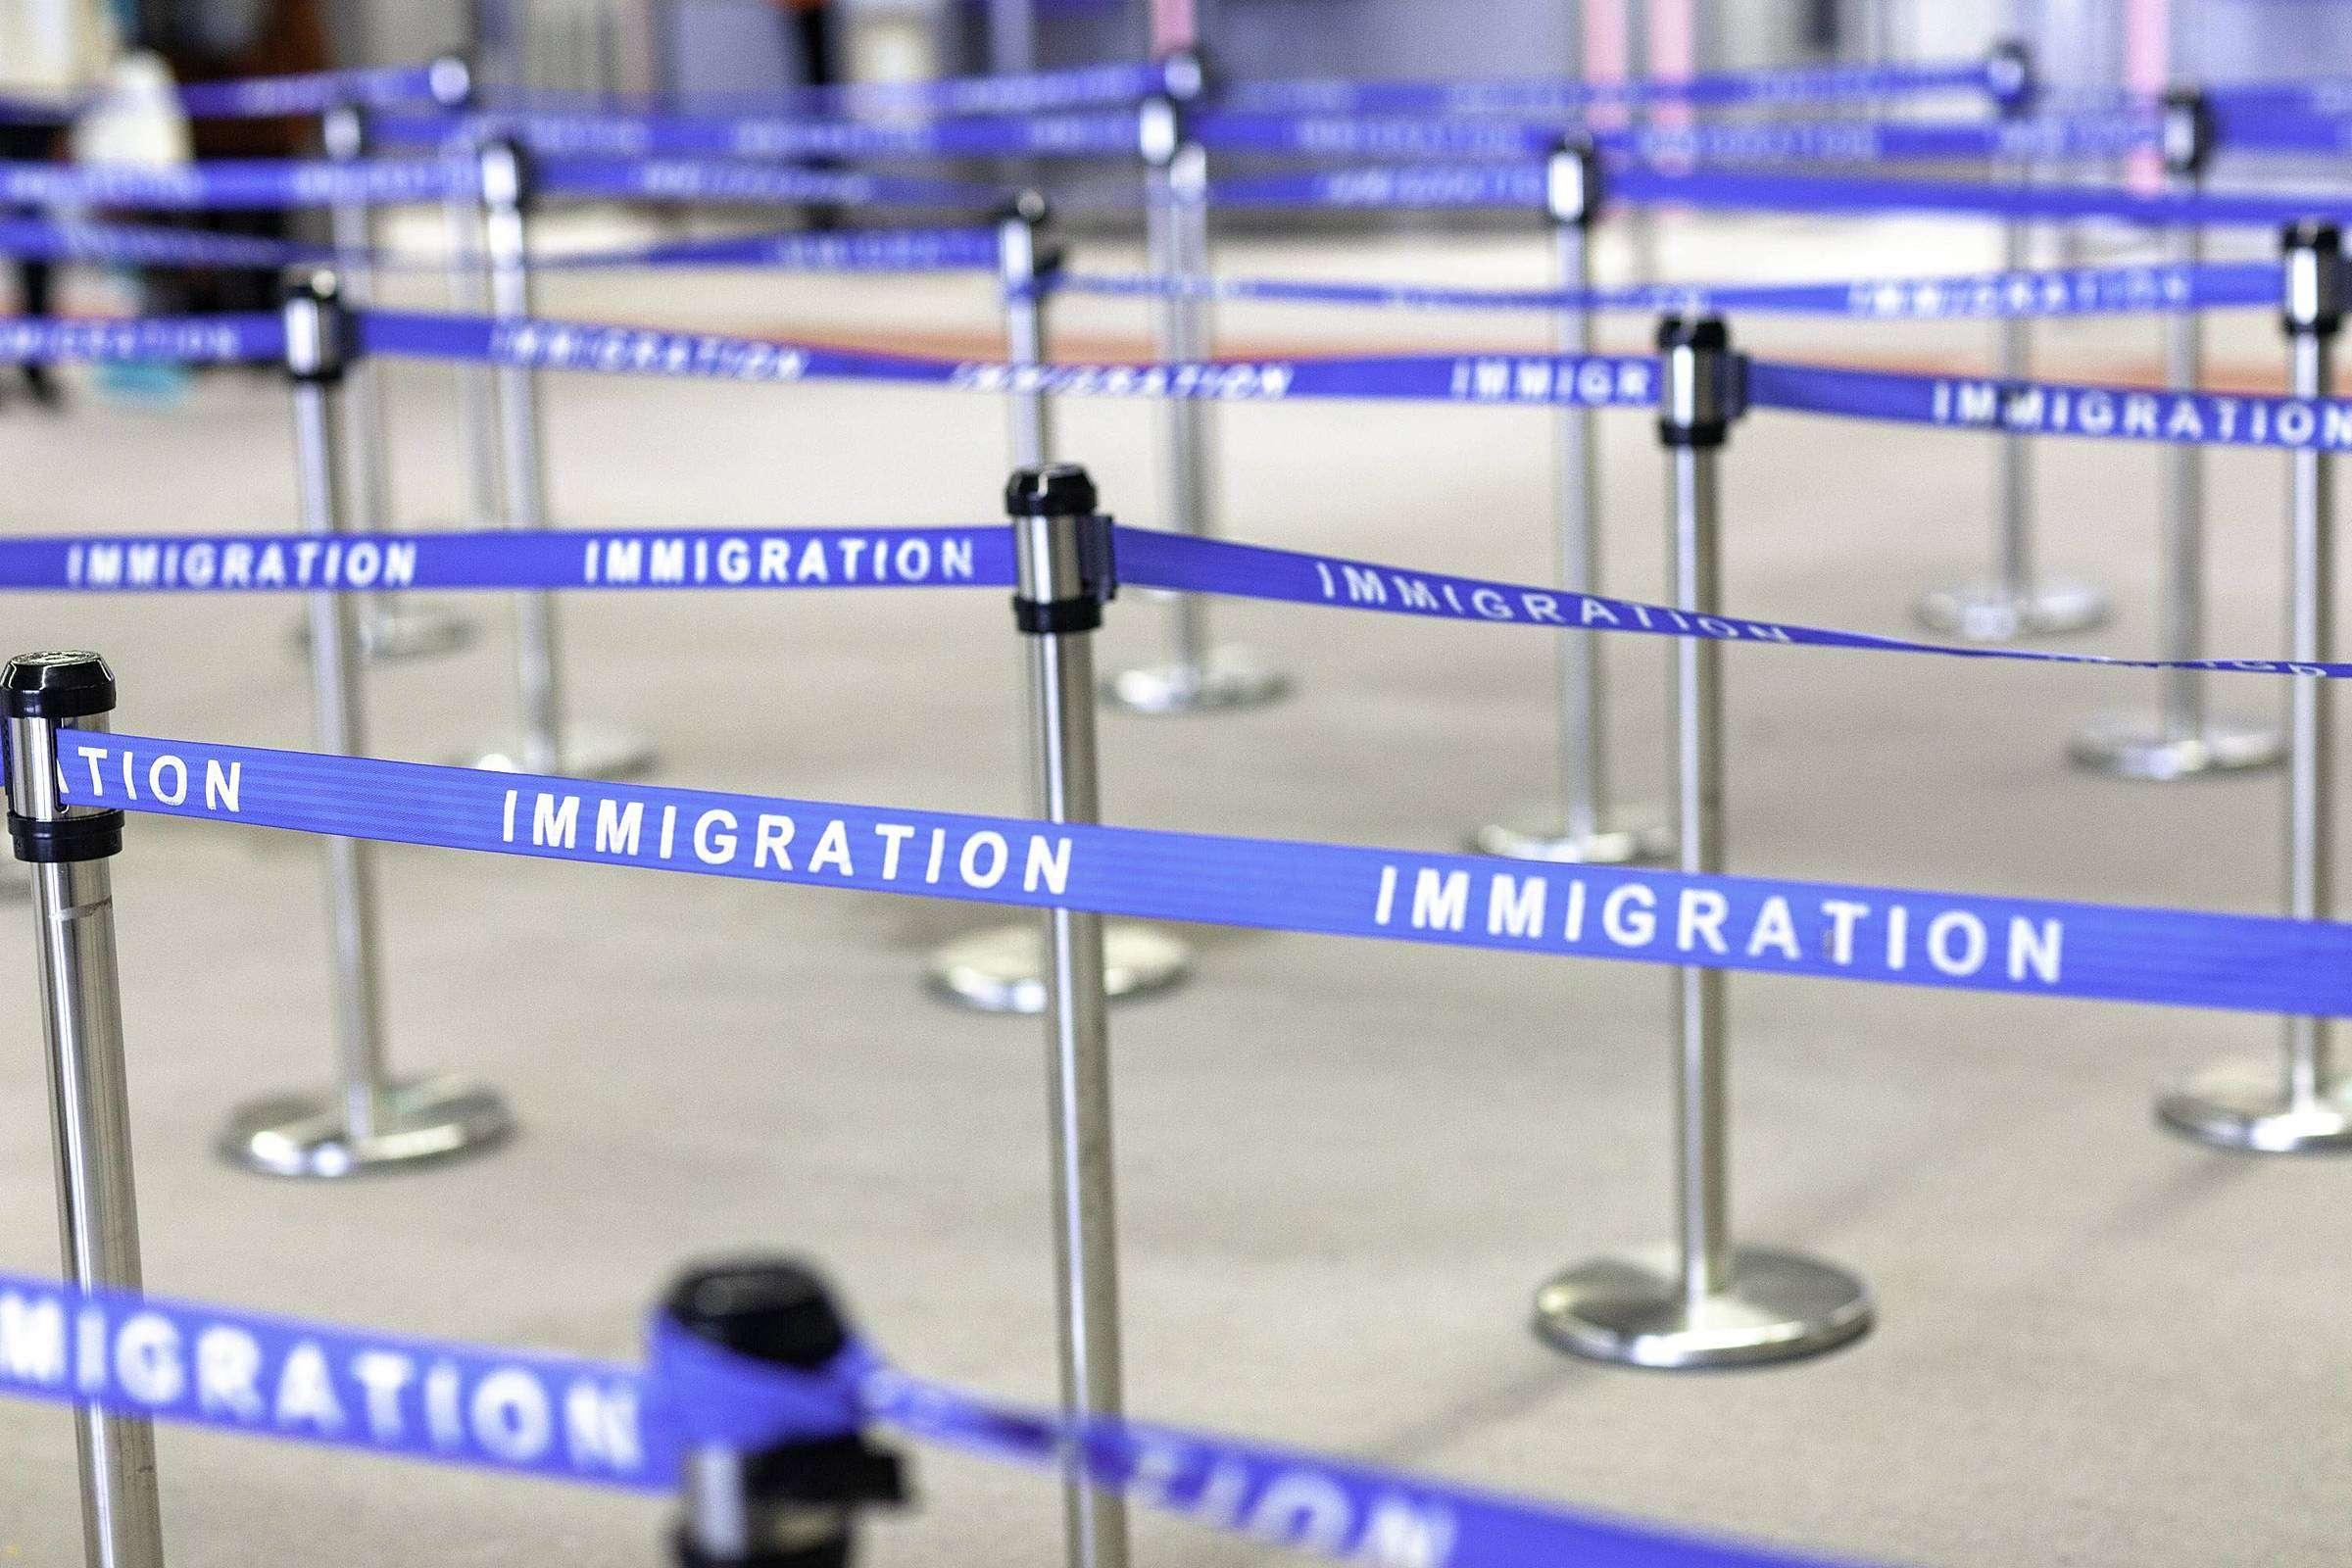 Regras para imigrantes nos EUA: tudo que um residente precisa saber